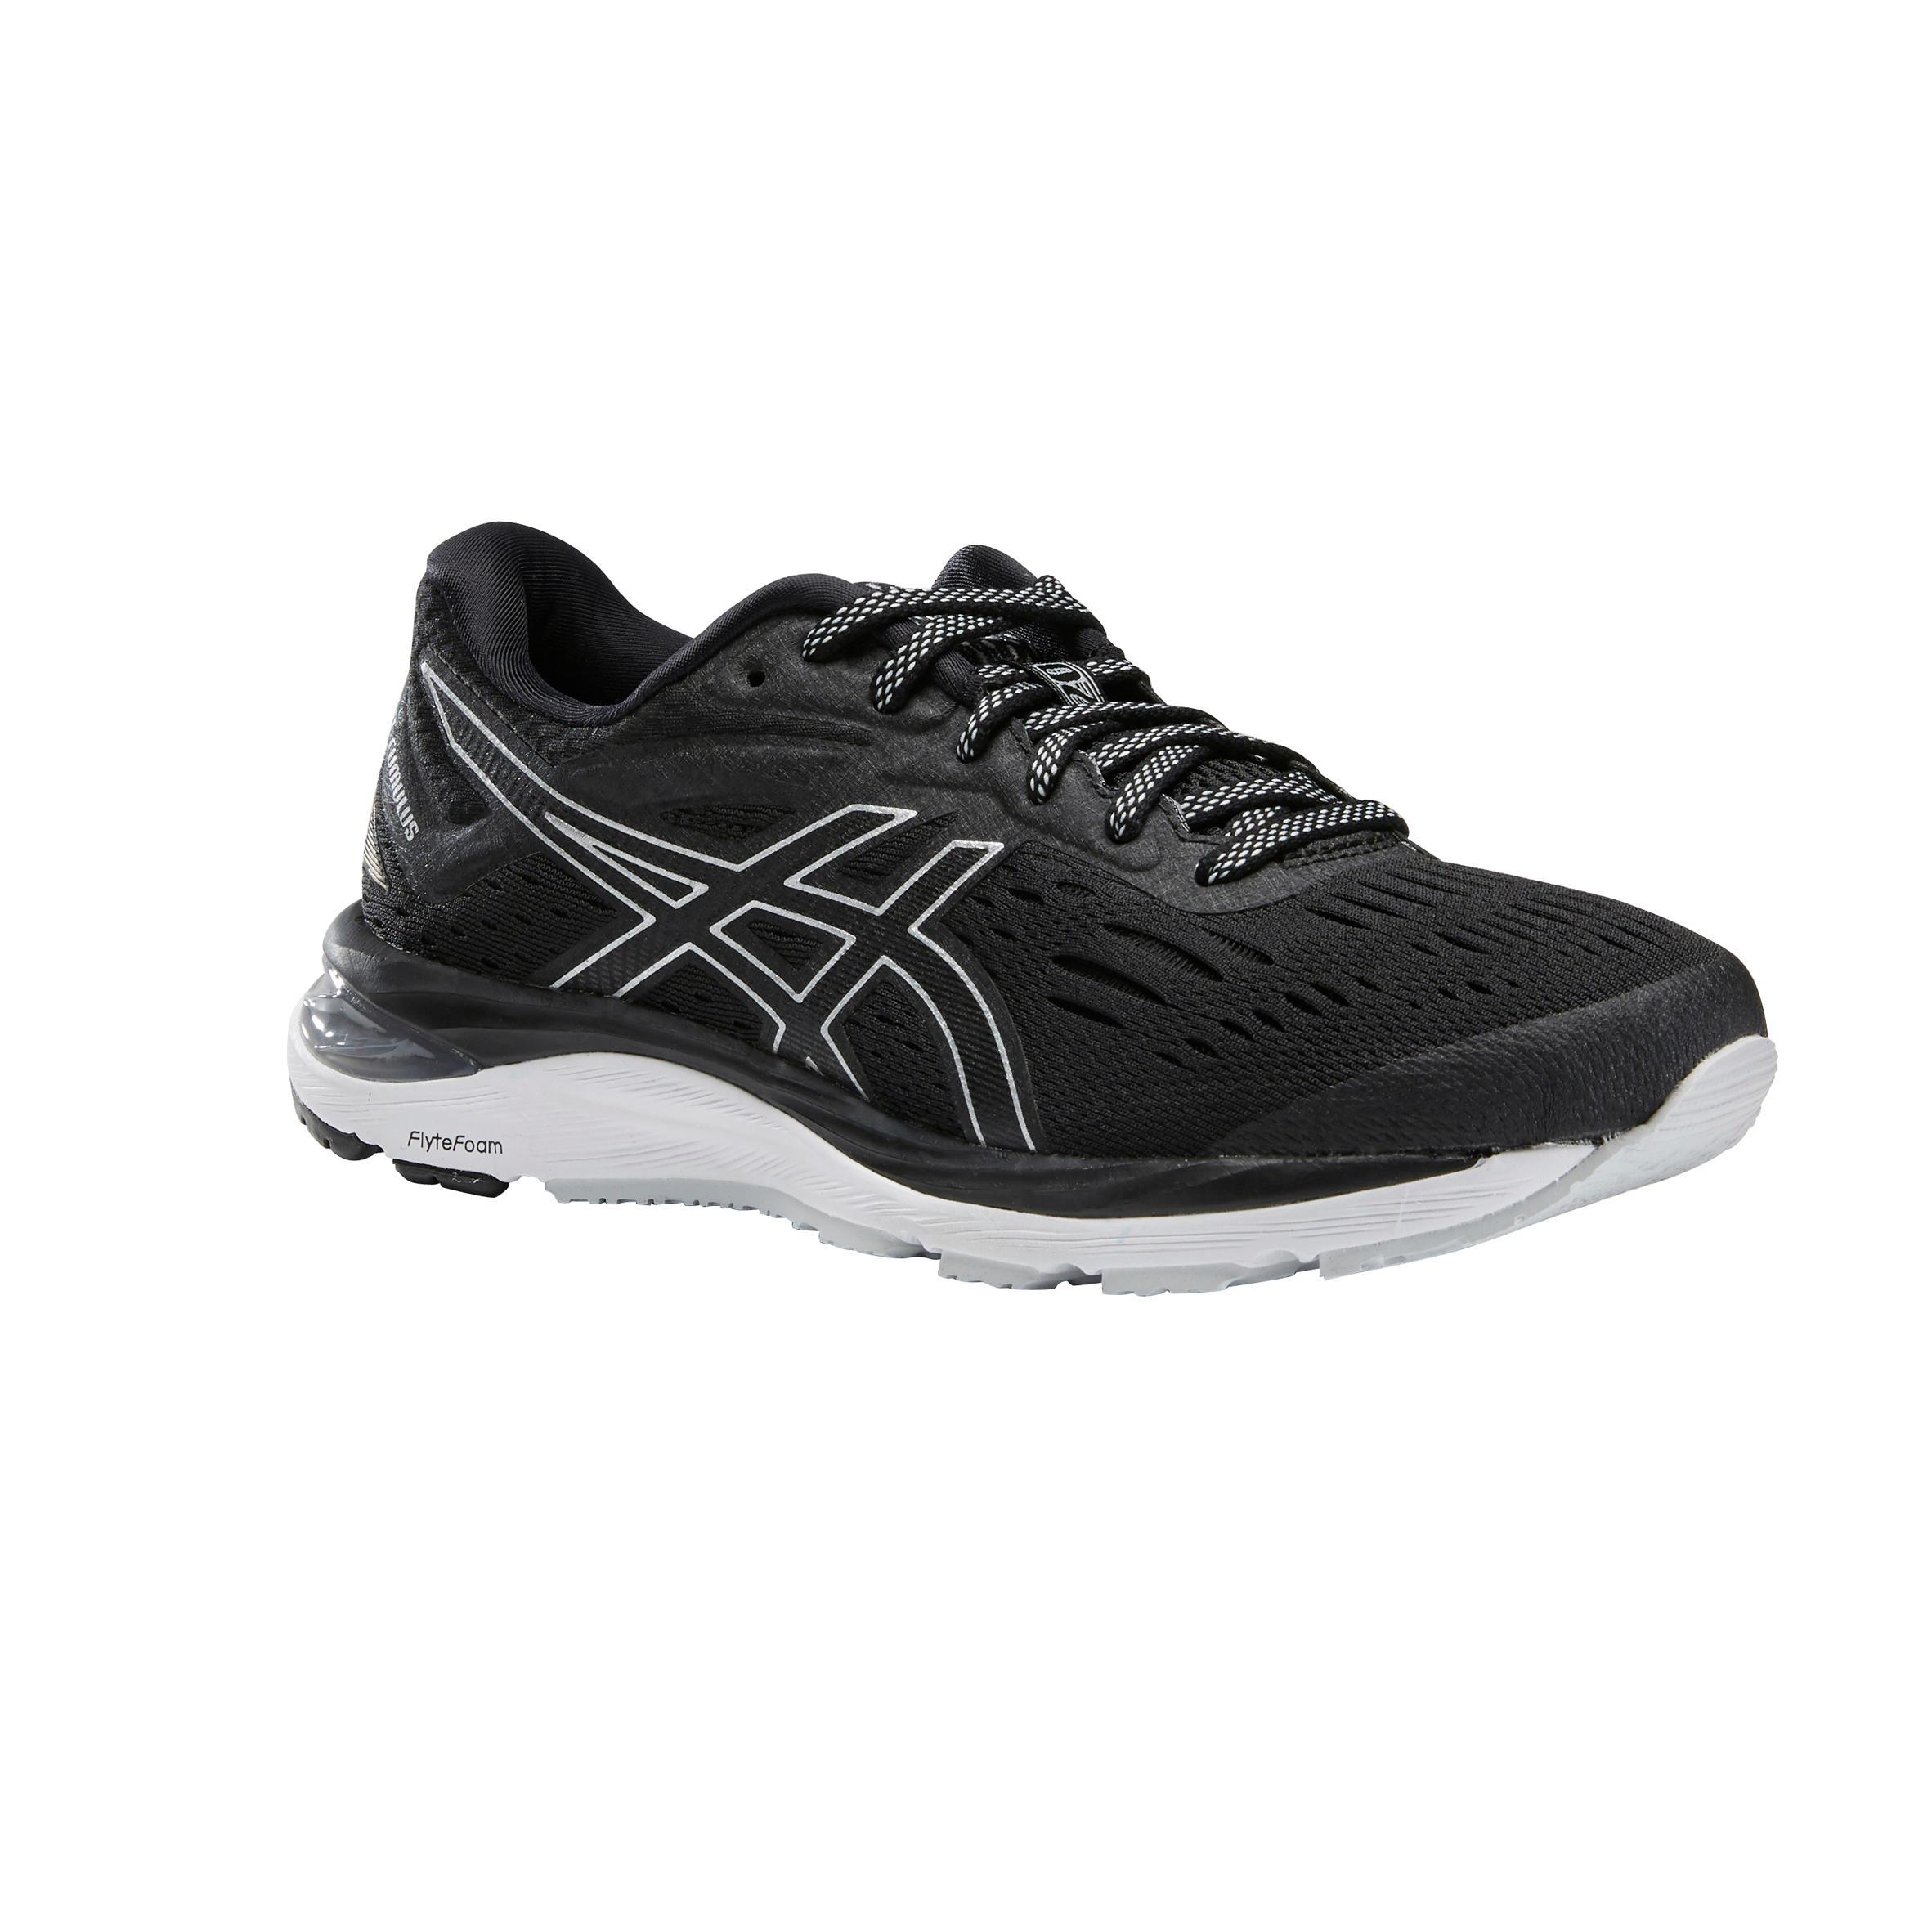 e5264efa3d4 Comprar zapatillas de running online